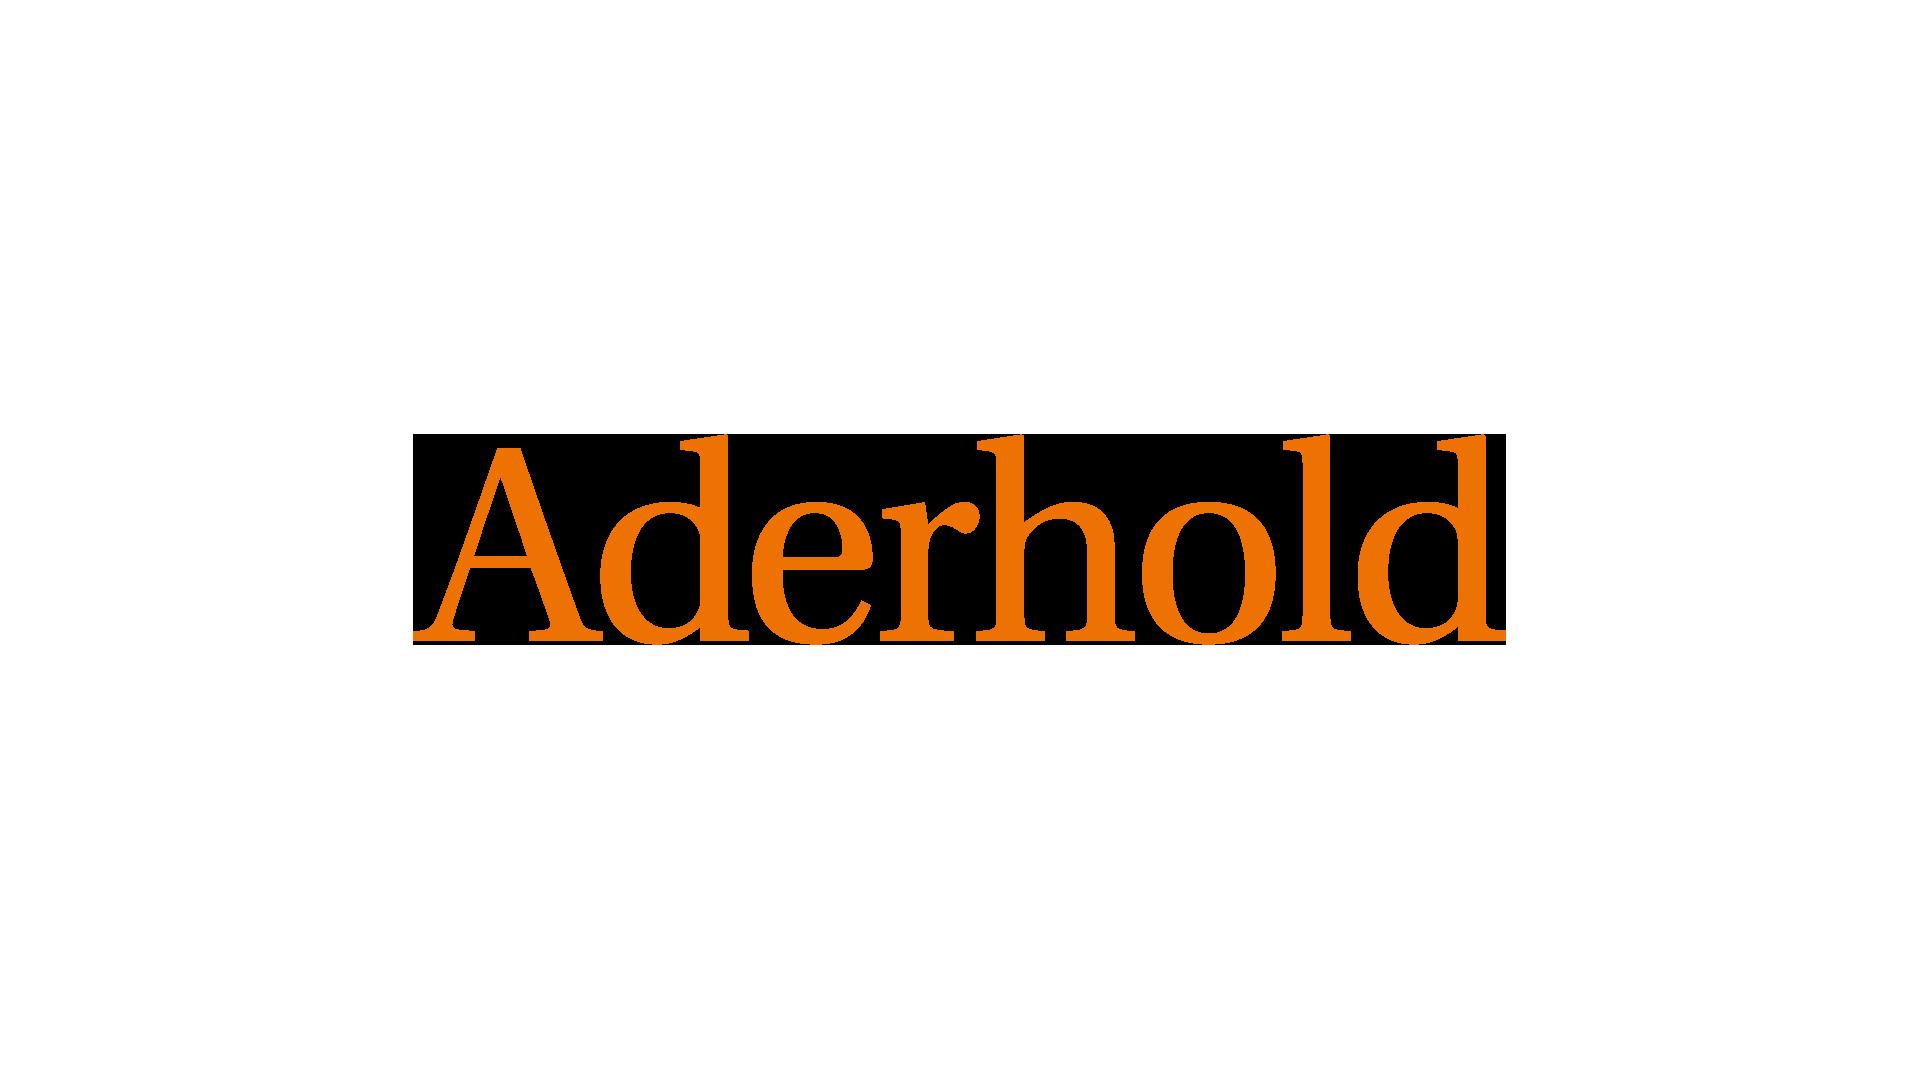 Logos_0001_Aderhold-Logo-CMYK